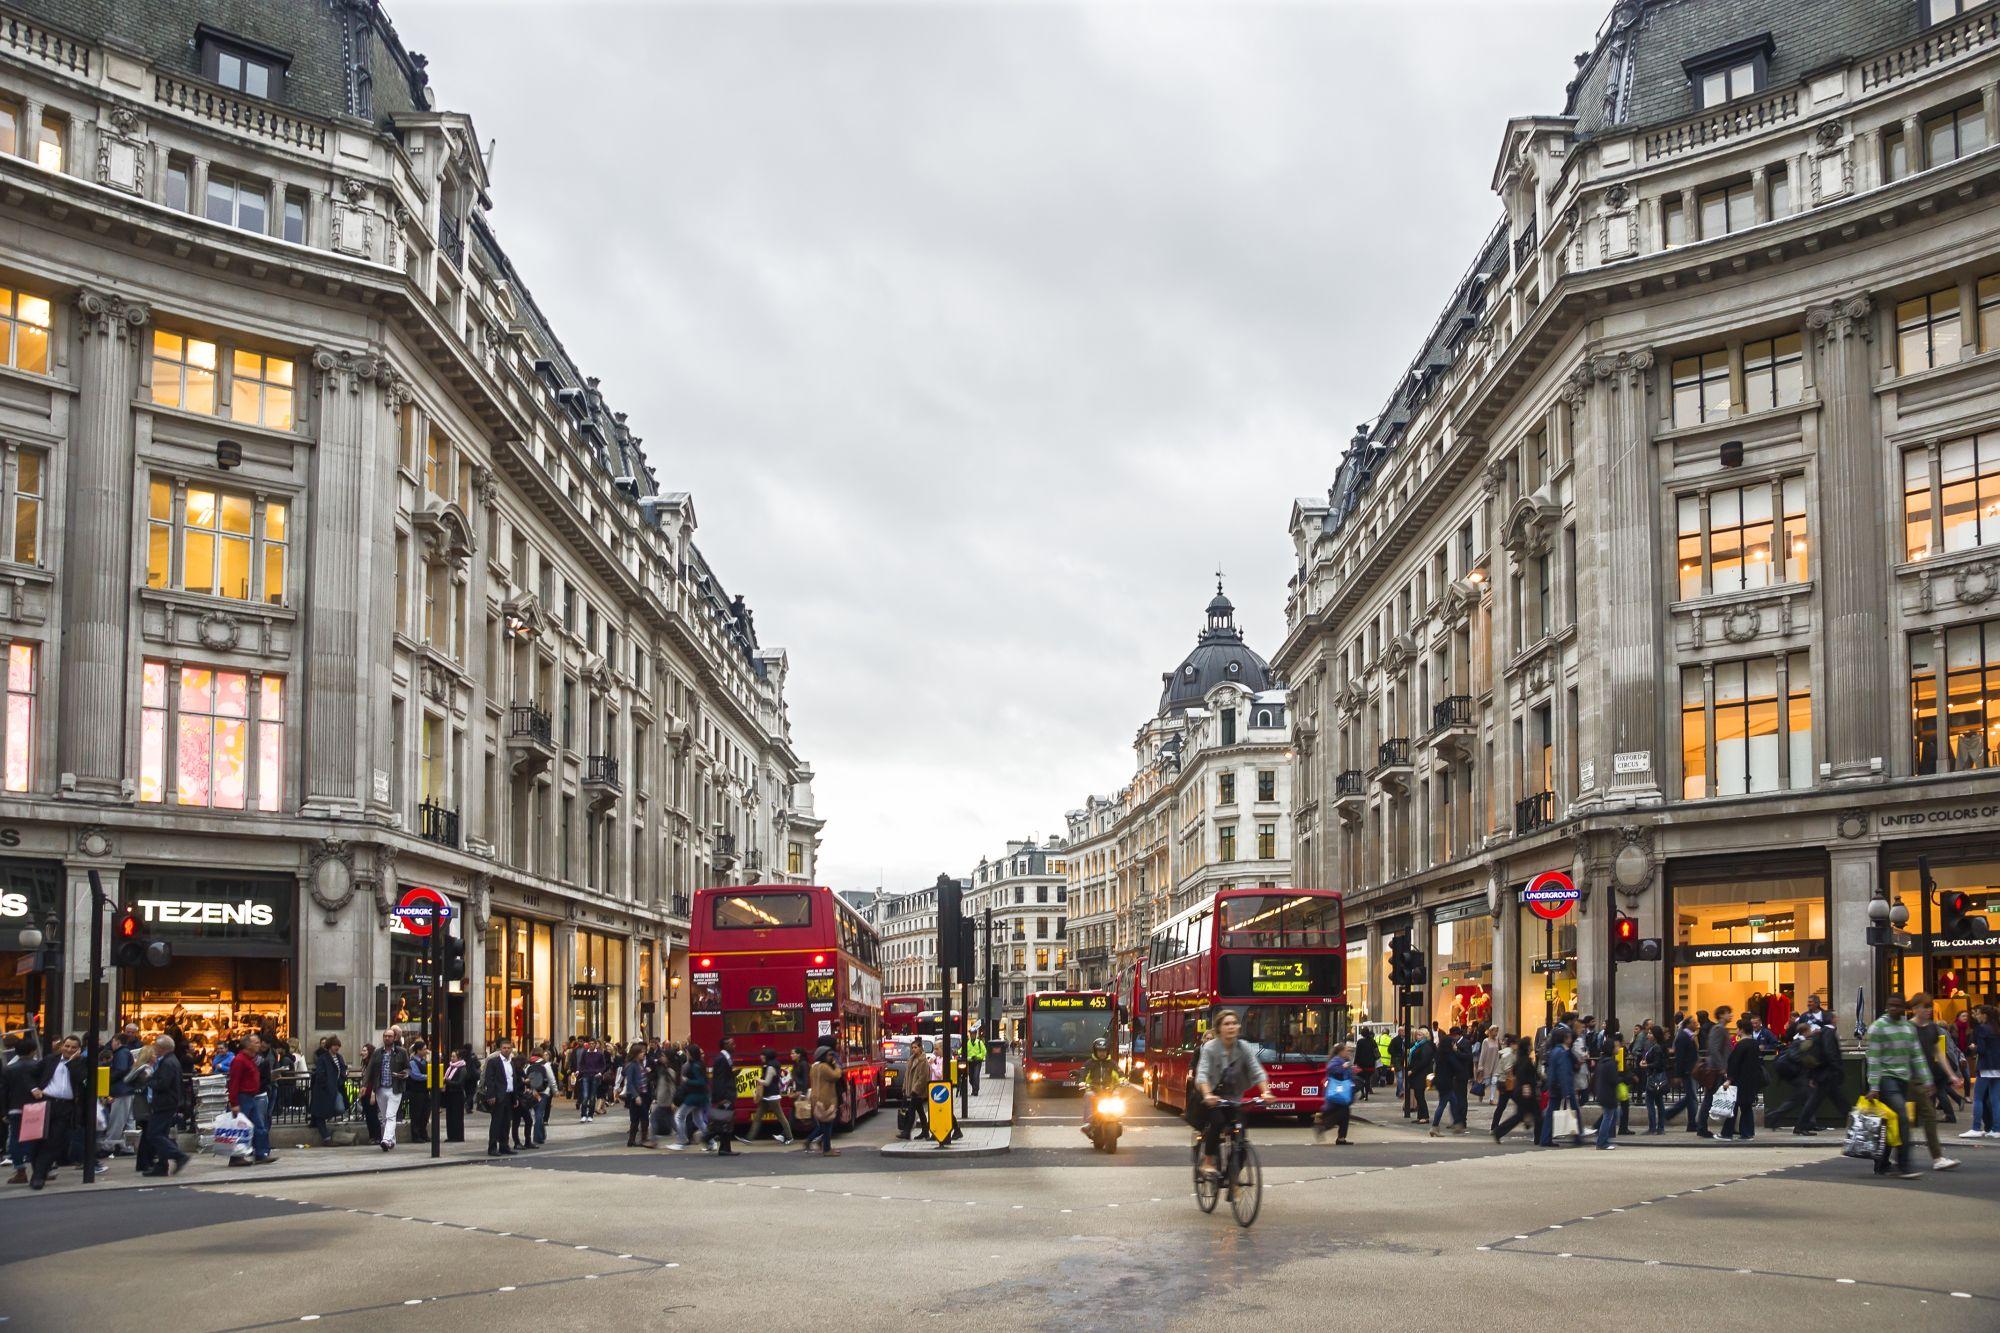 Ulica w Londynie